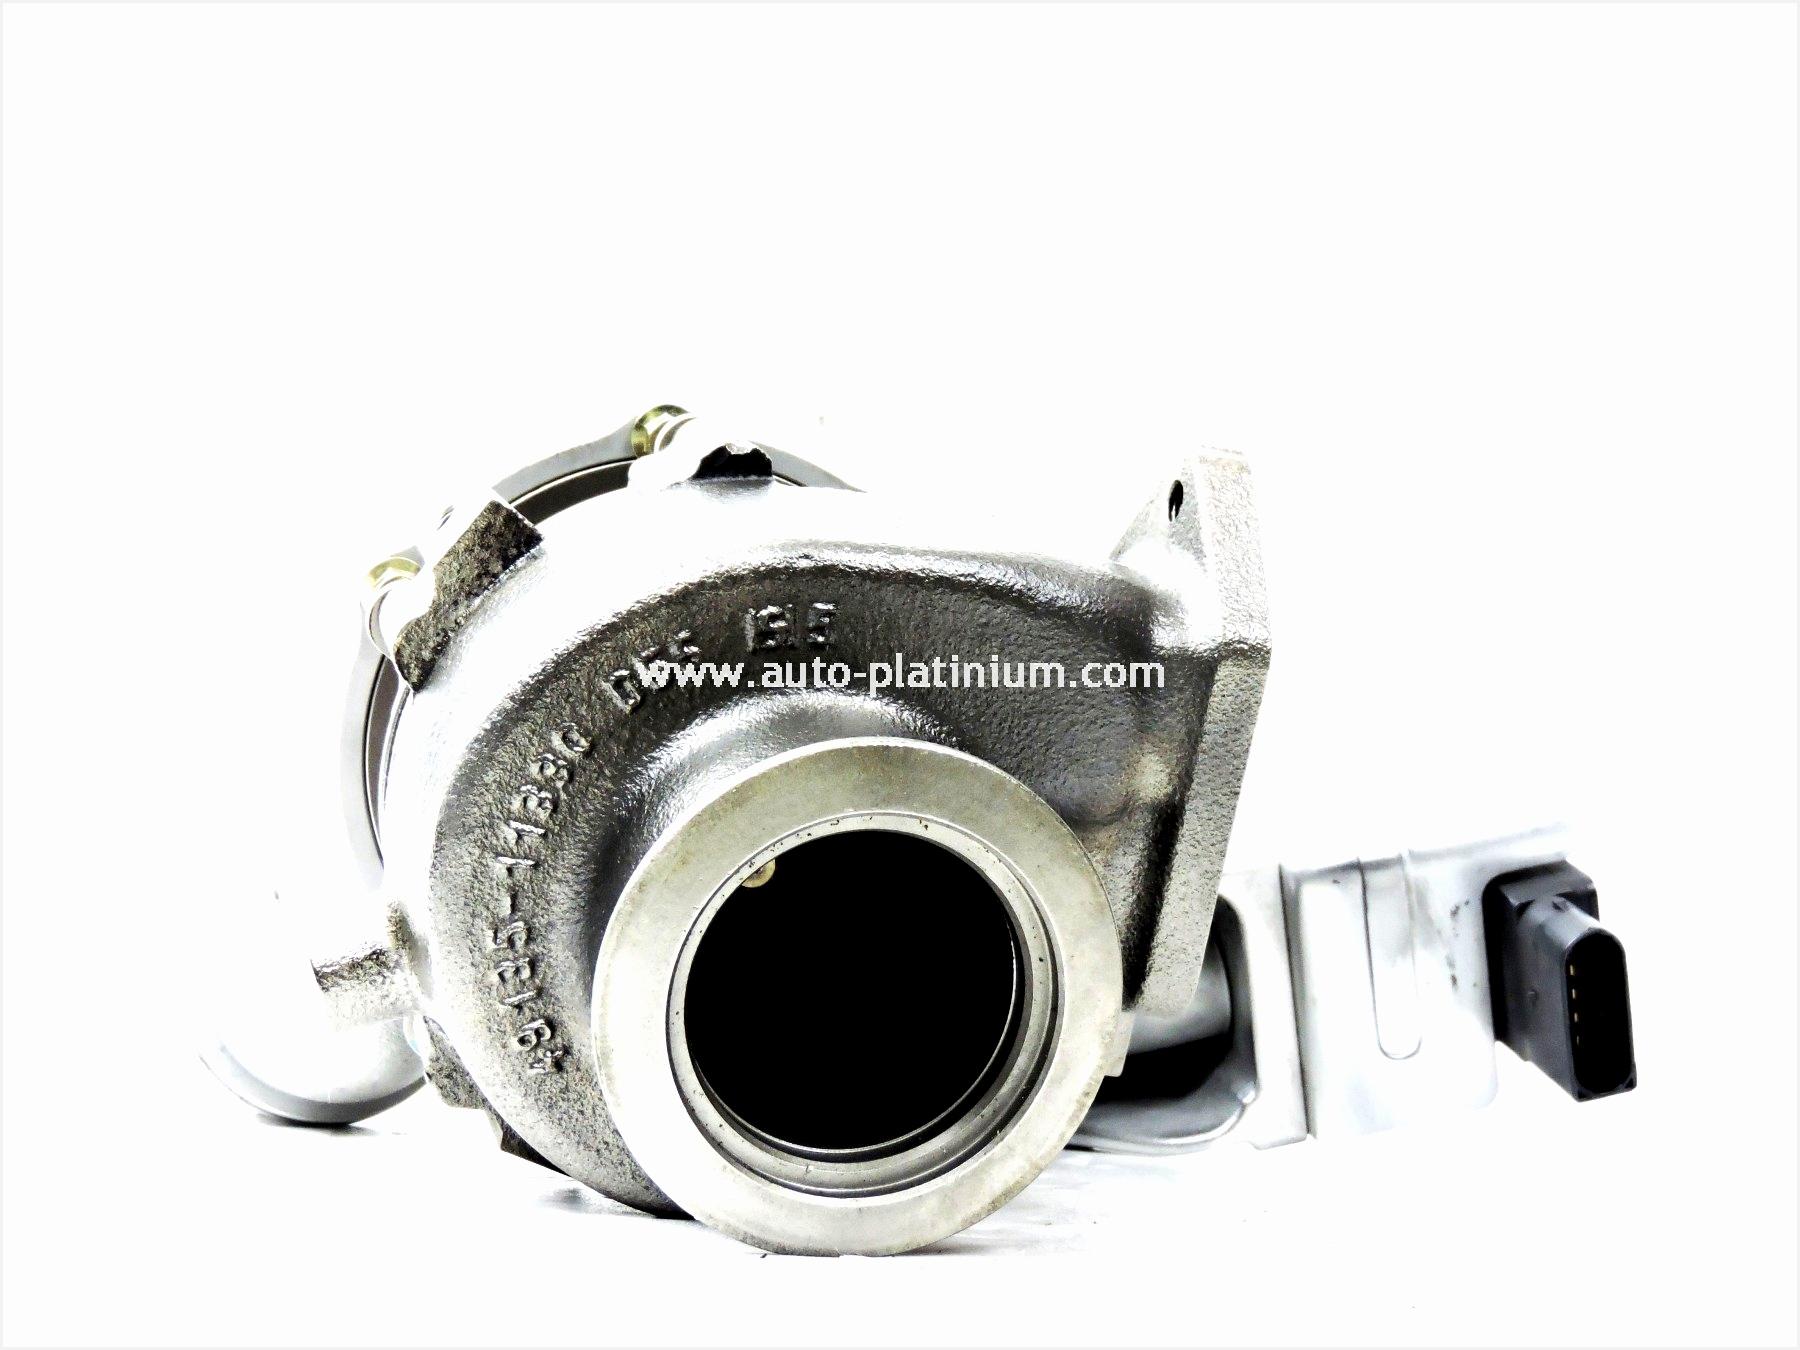 Luxury Stocker Resume Sample Fresh Turbo échange Standard 2 0d 143 Cv 177 Resume Vs Cv13501800